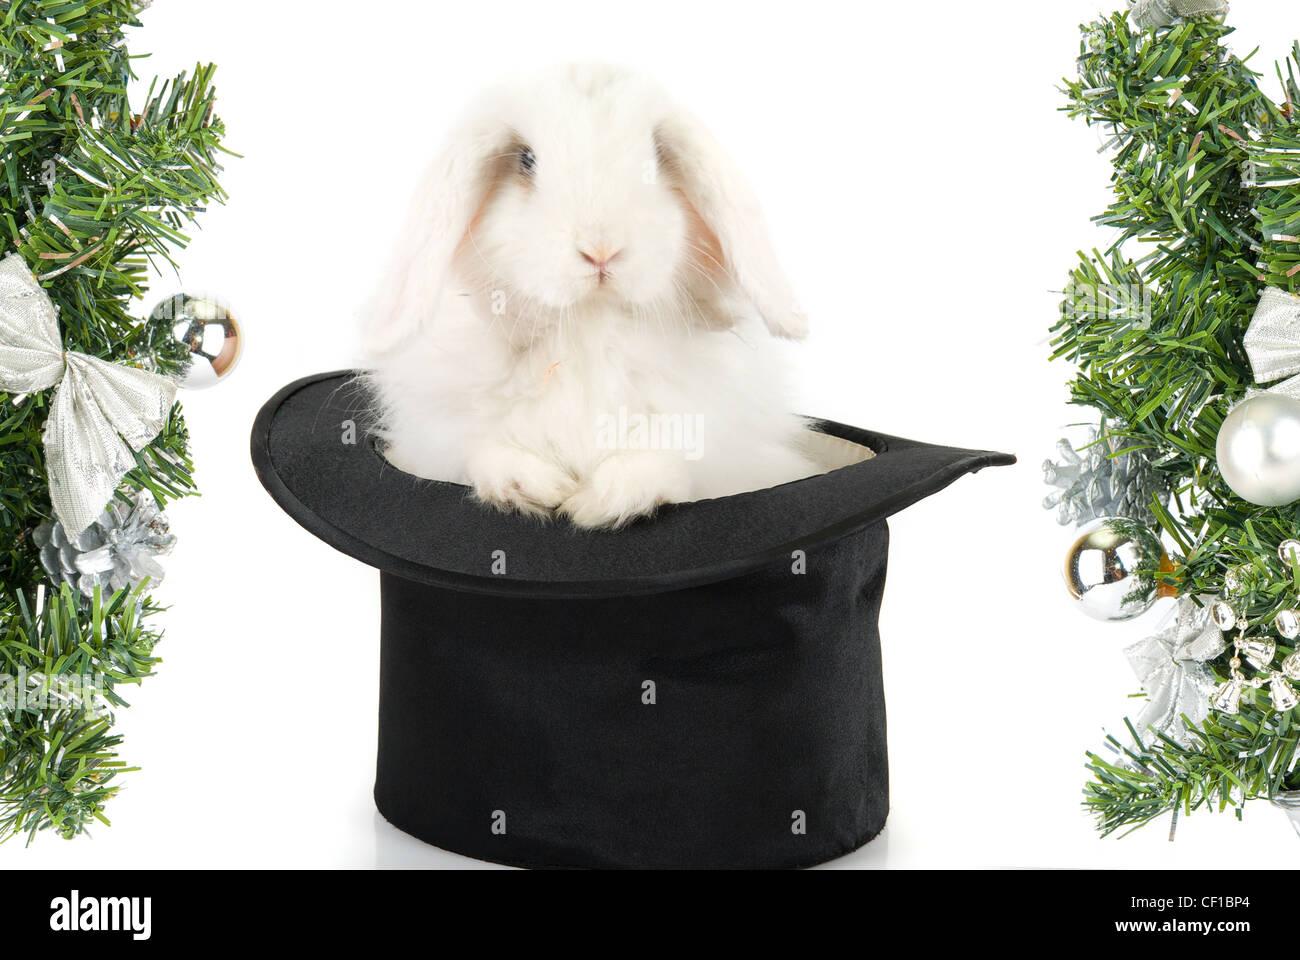 Rabbit Top Hat Magic Wand Stock Photos Rabbit Top Hat Magic Wand